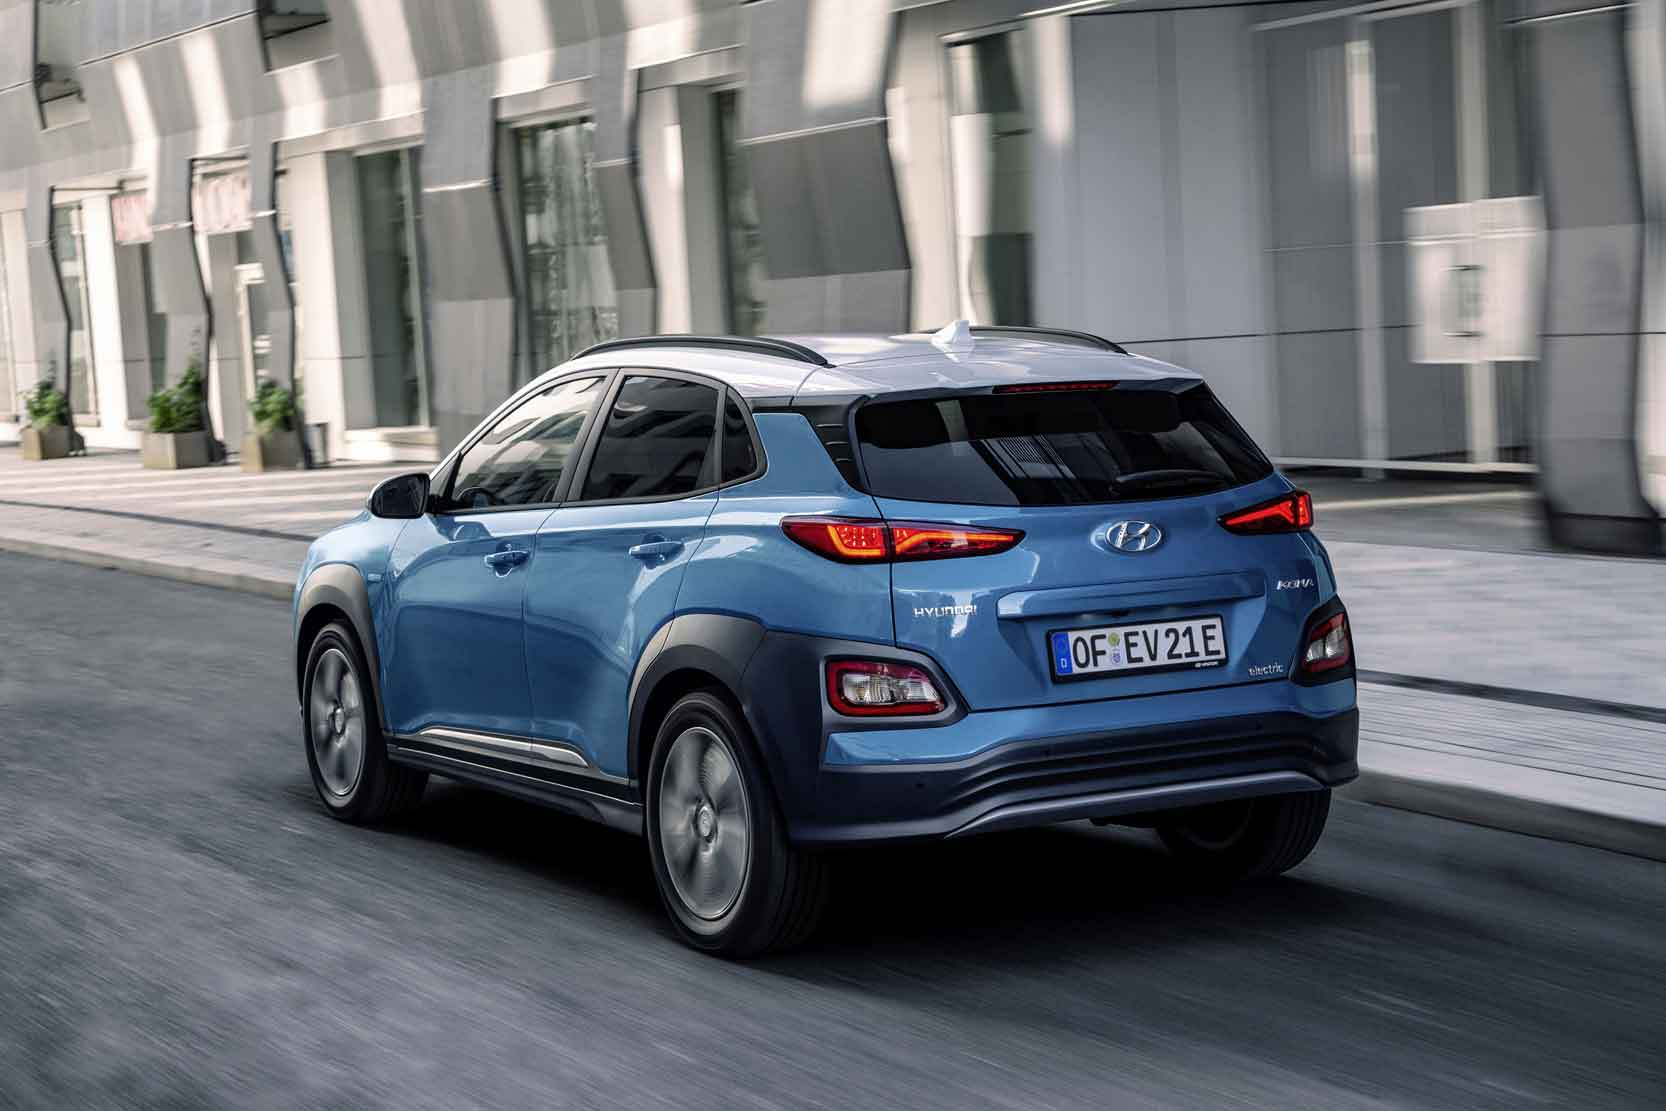 Hyundai Kona Fiche Technique >> Fiche Technique Hyundai Kona Electric 39 Kwh 2018